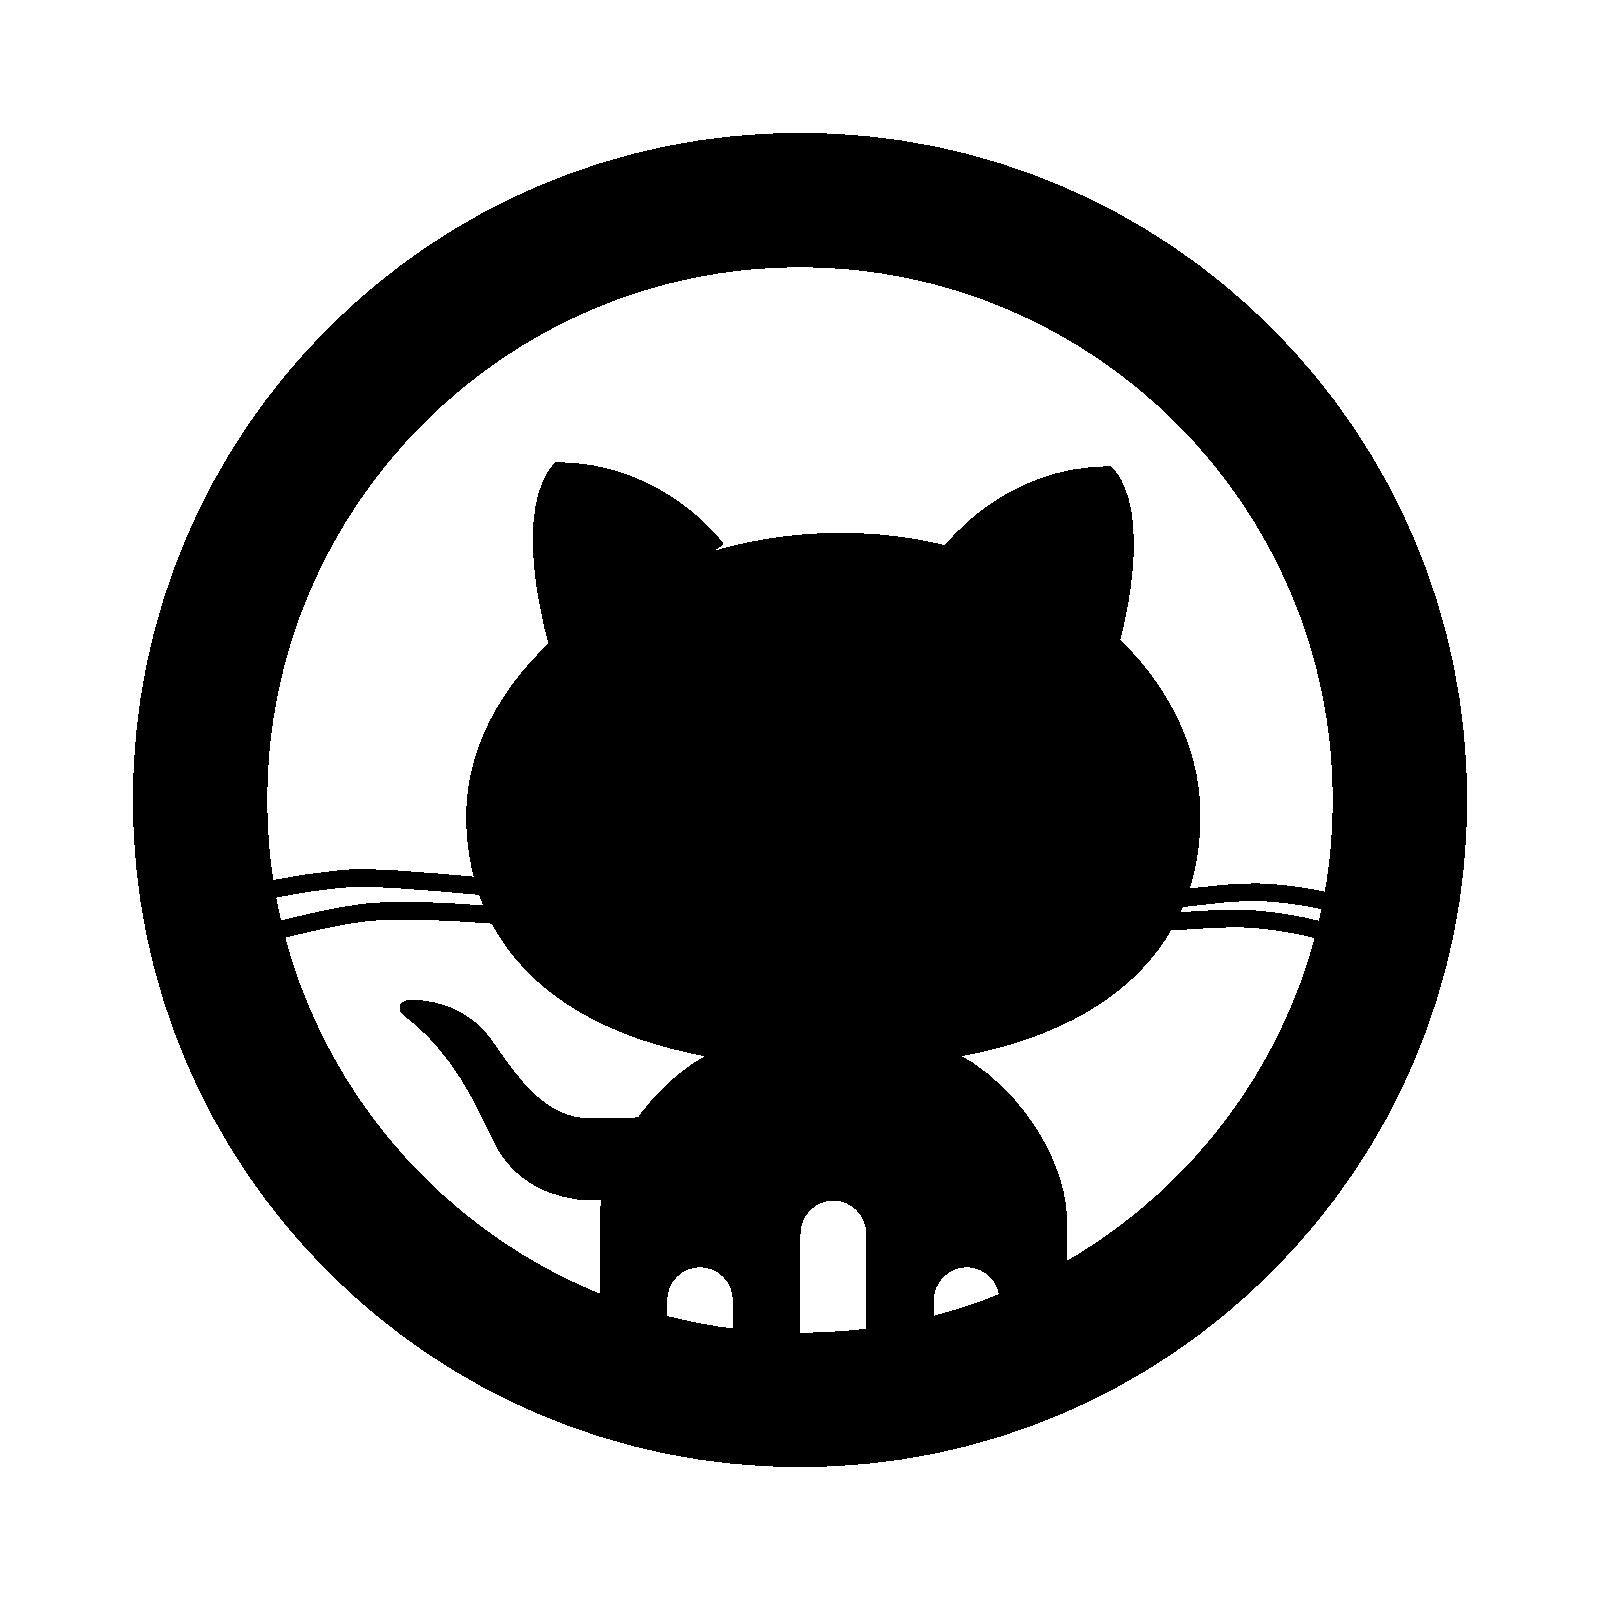 GitHub icon - Github PNG